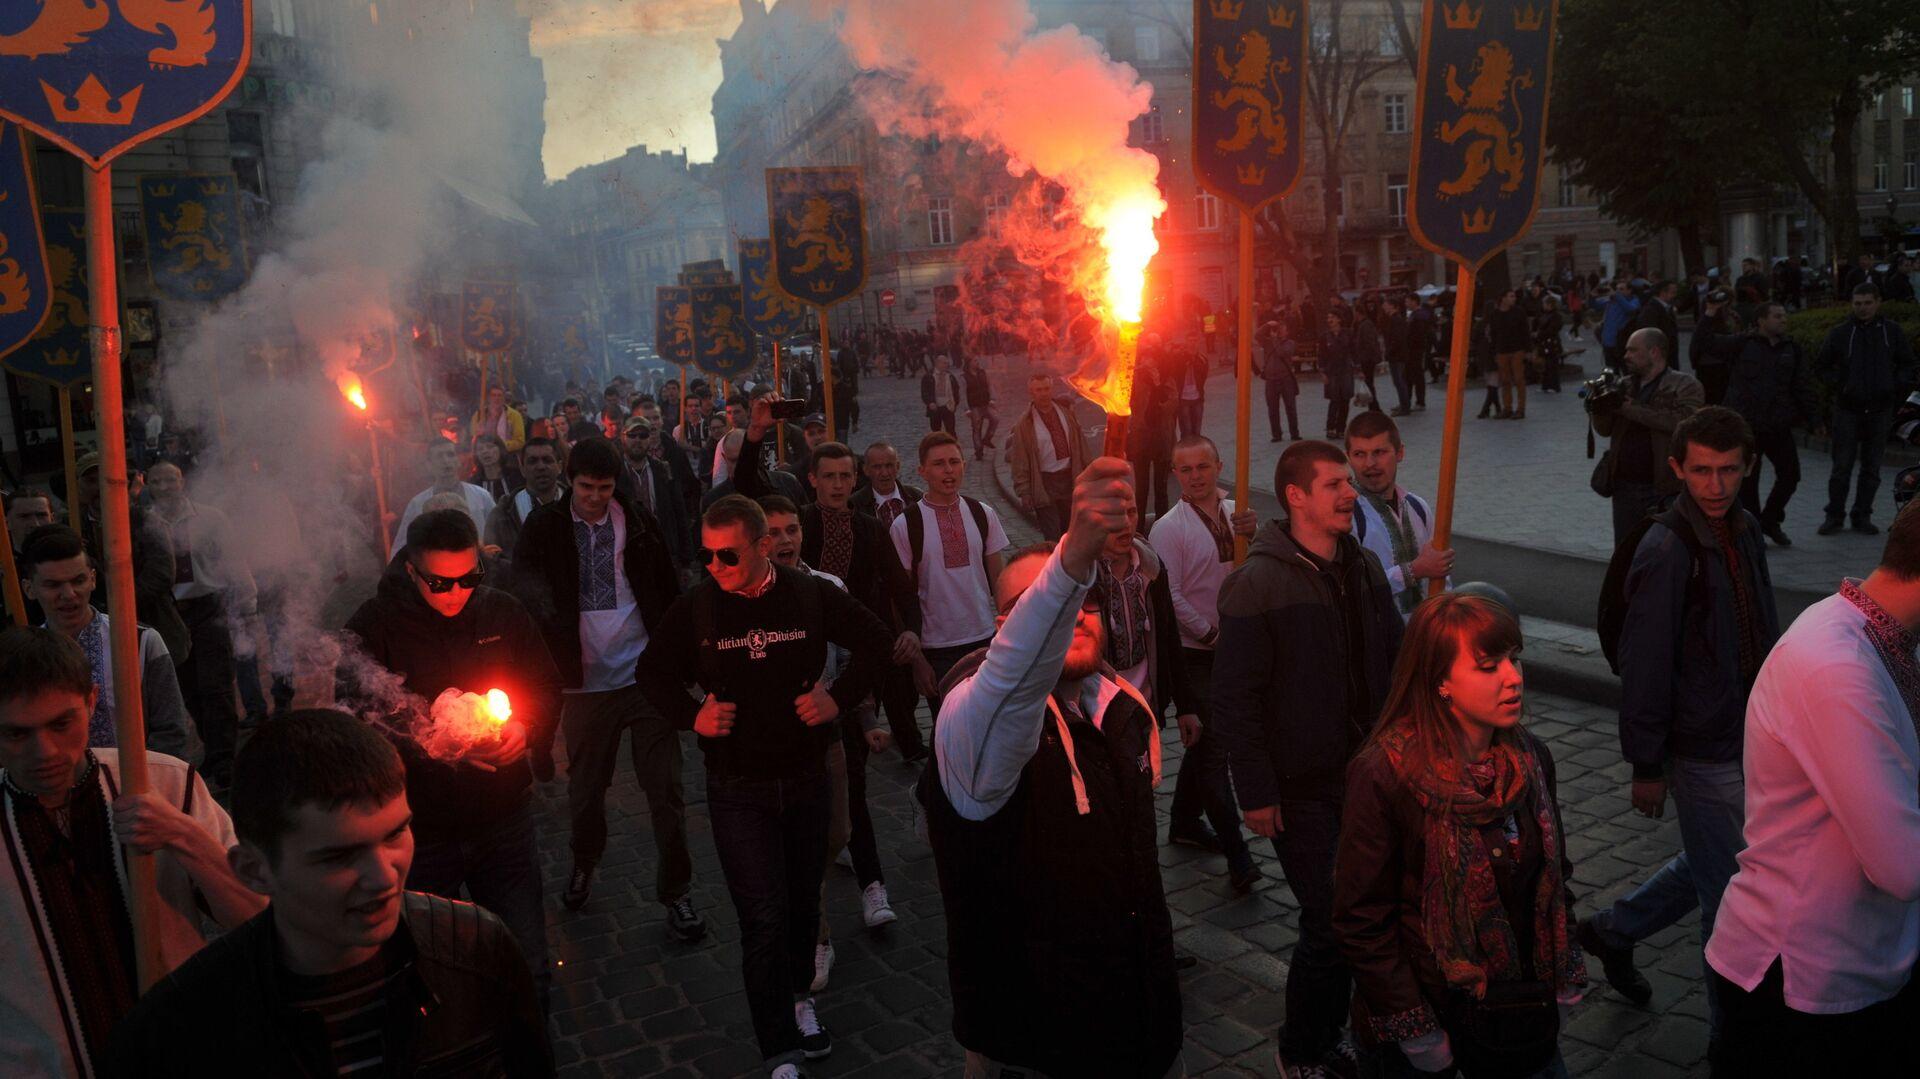 Участники марша в честь годовщины создания дивизии СС Галичина во Львове - РИА Новости, 1920, 29.07.2021